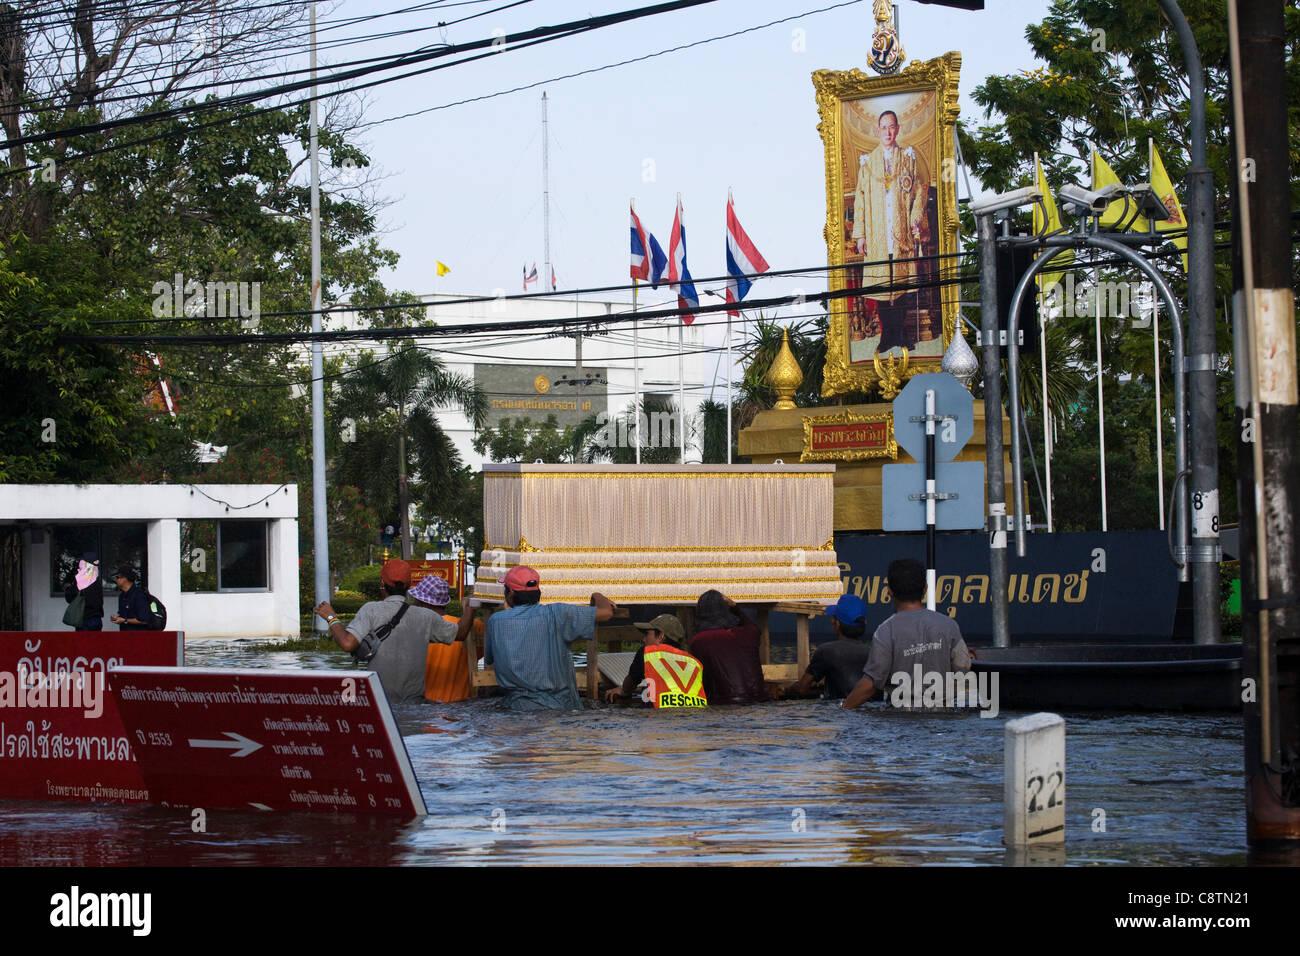 Thailand, Bangkok,1-11-2011, Phahon Yothin Road in Northern